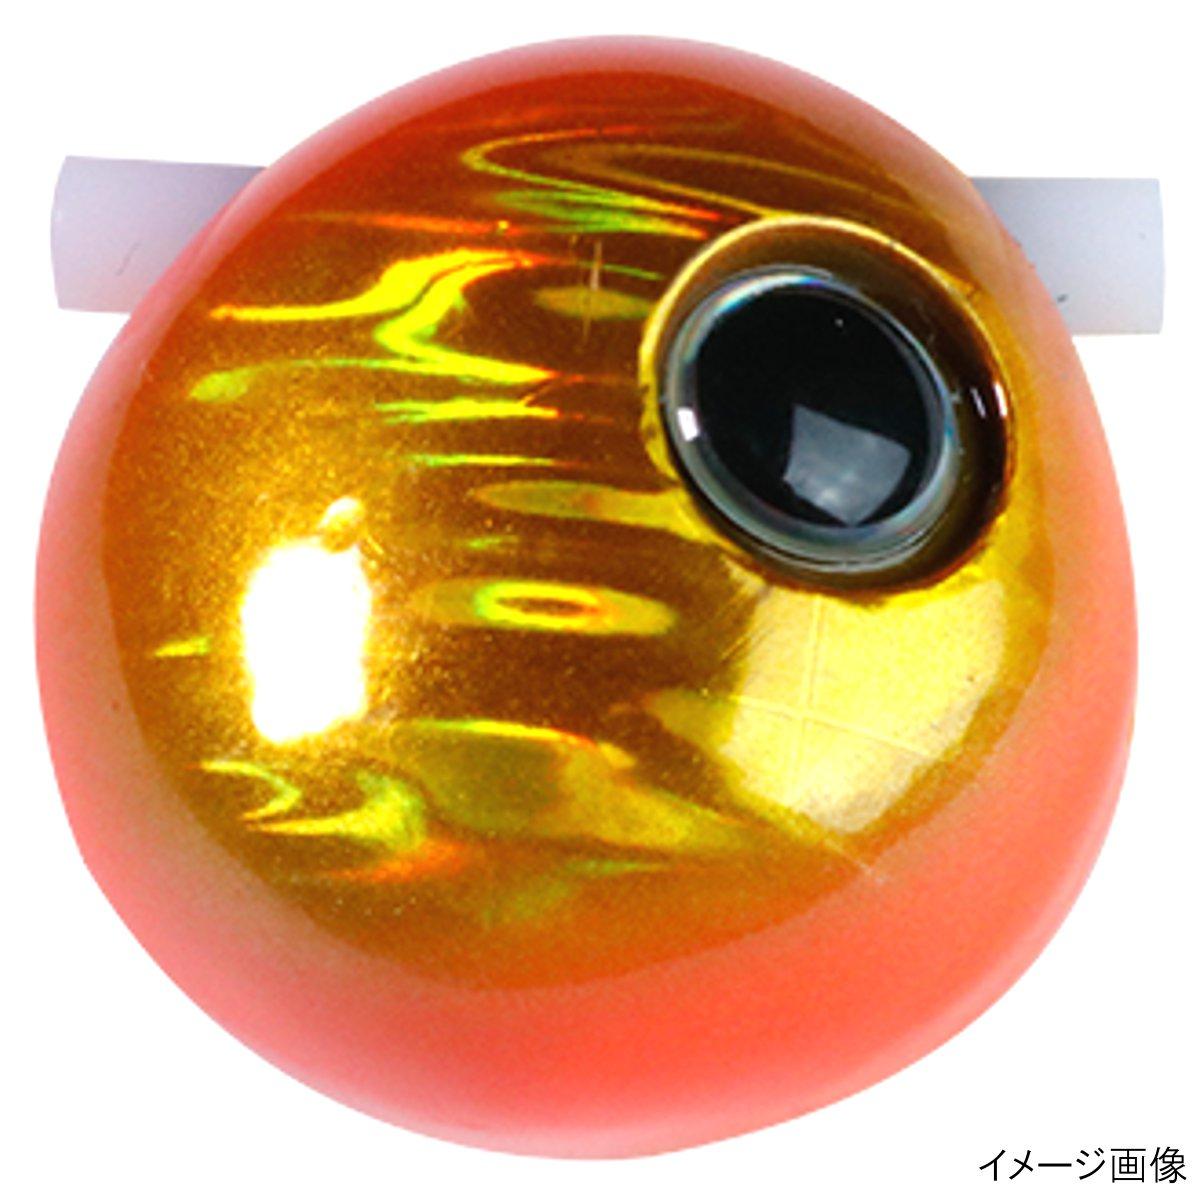 ジャッカル TGビンビン玉スライドヘッド 60g オレンジゴールド(東日本店)画像